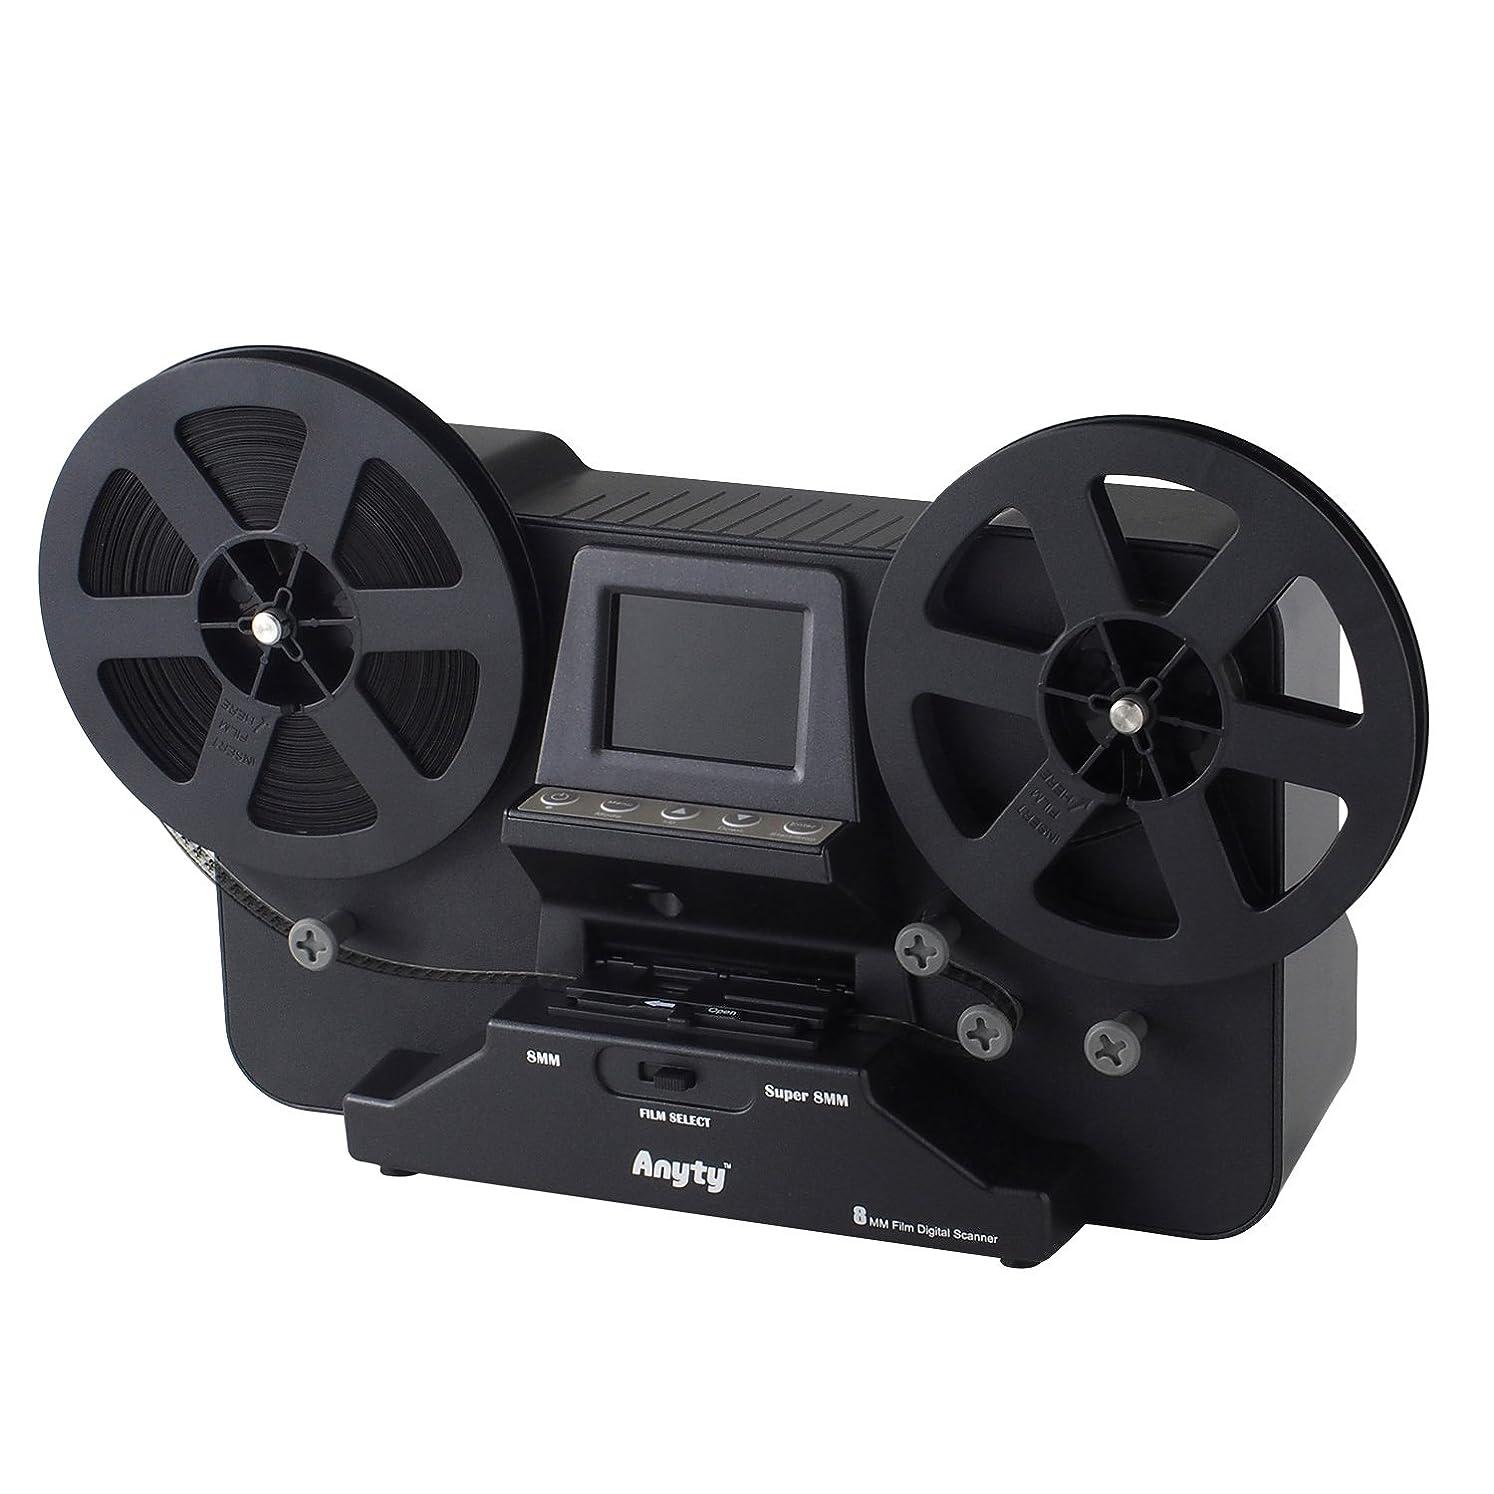 名誉あるパラシュートテロイーサプライ フィルム&写真スキャナー 高画質3200dpi ネガフィルム/ポジフィルム対応 SD保存 バッテリー内蔵 EZ4-SCN041